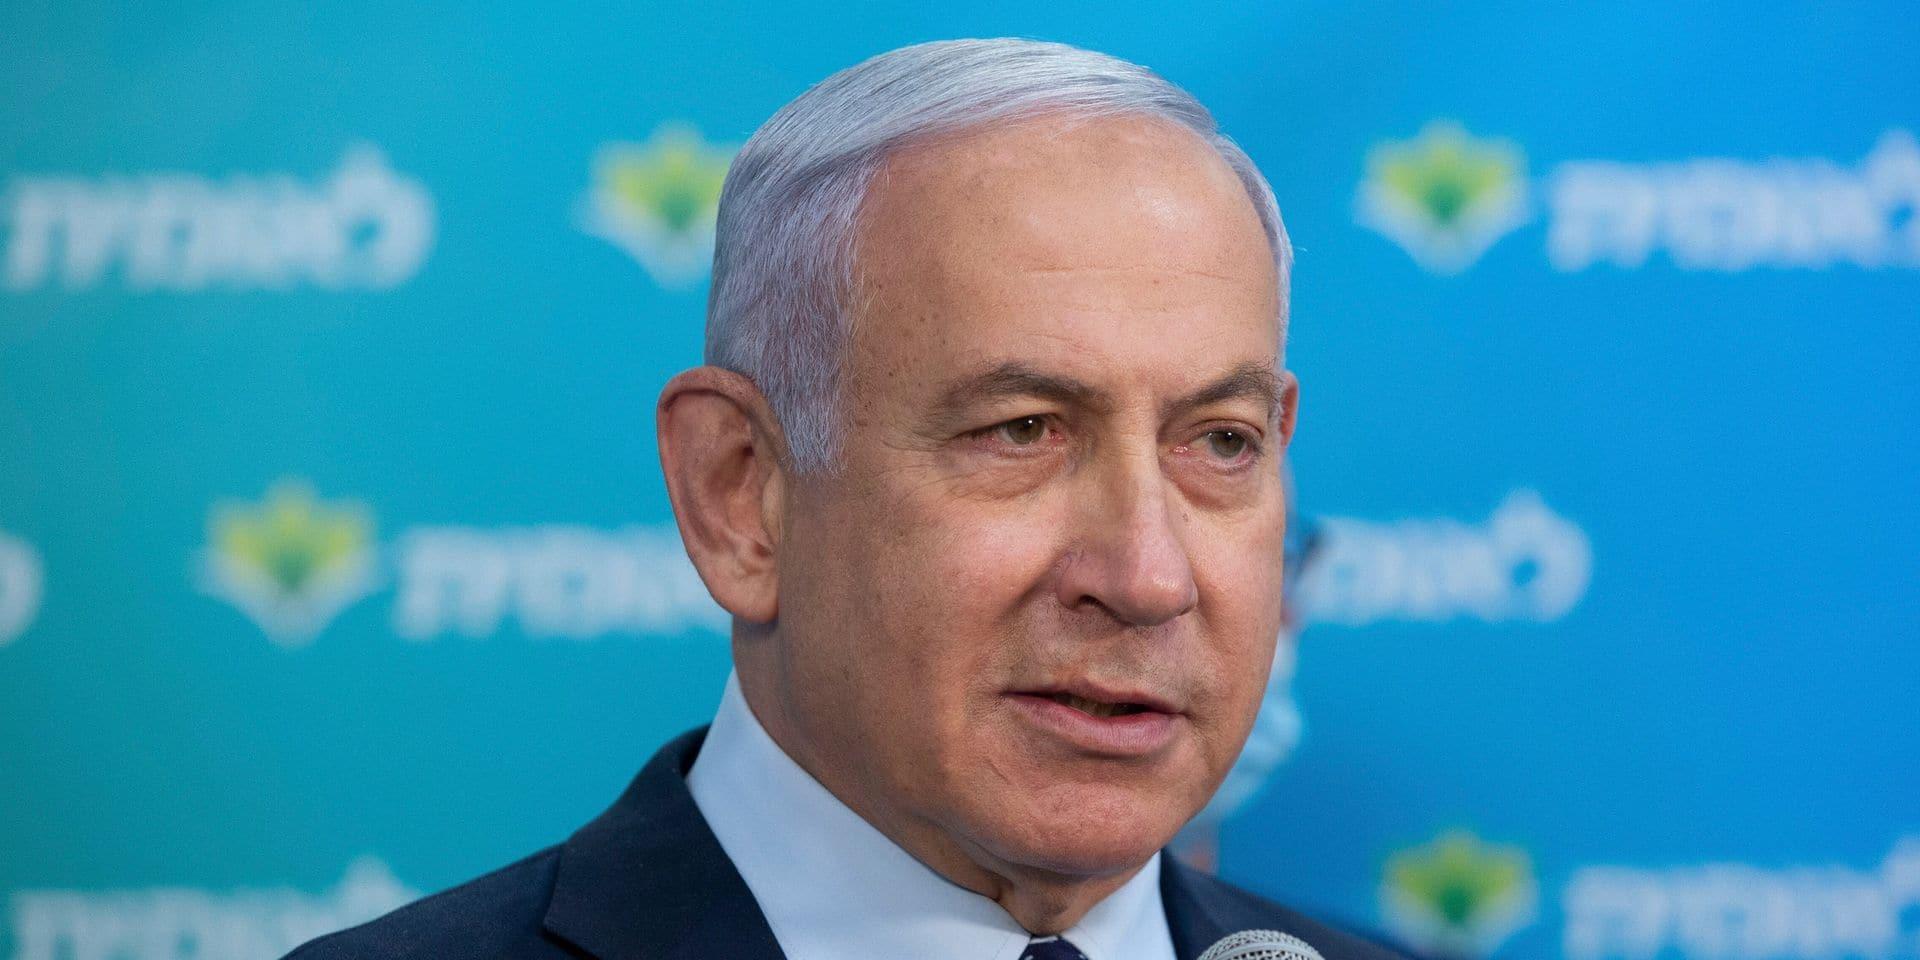 Le Premier ministre israélien se met en scène dans une vidéo de sensibilisation pour la vaccination